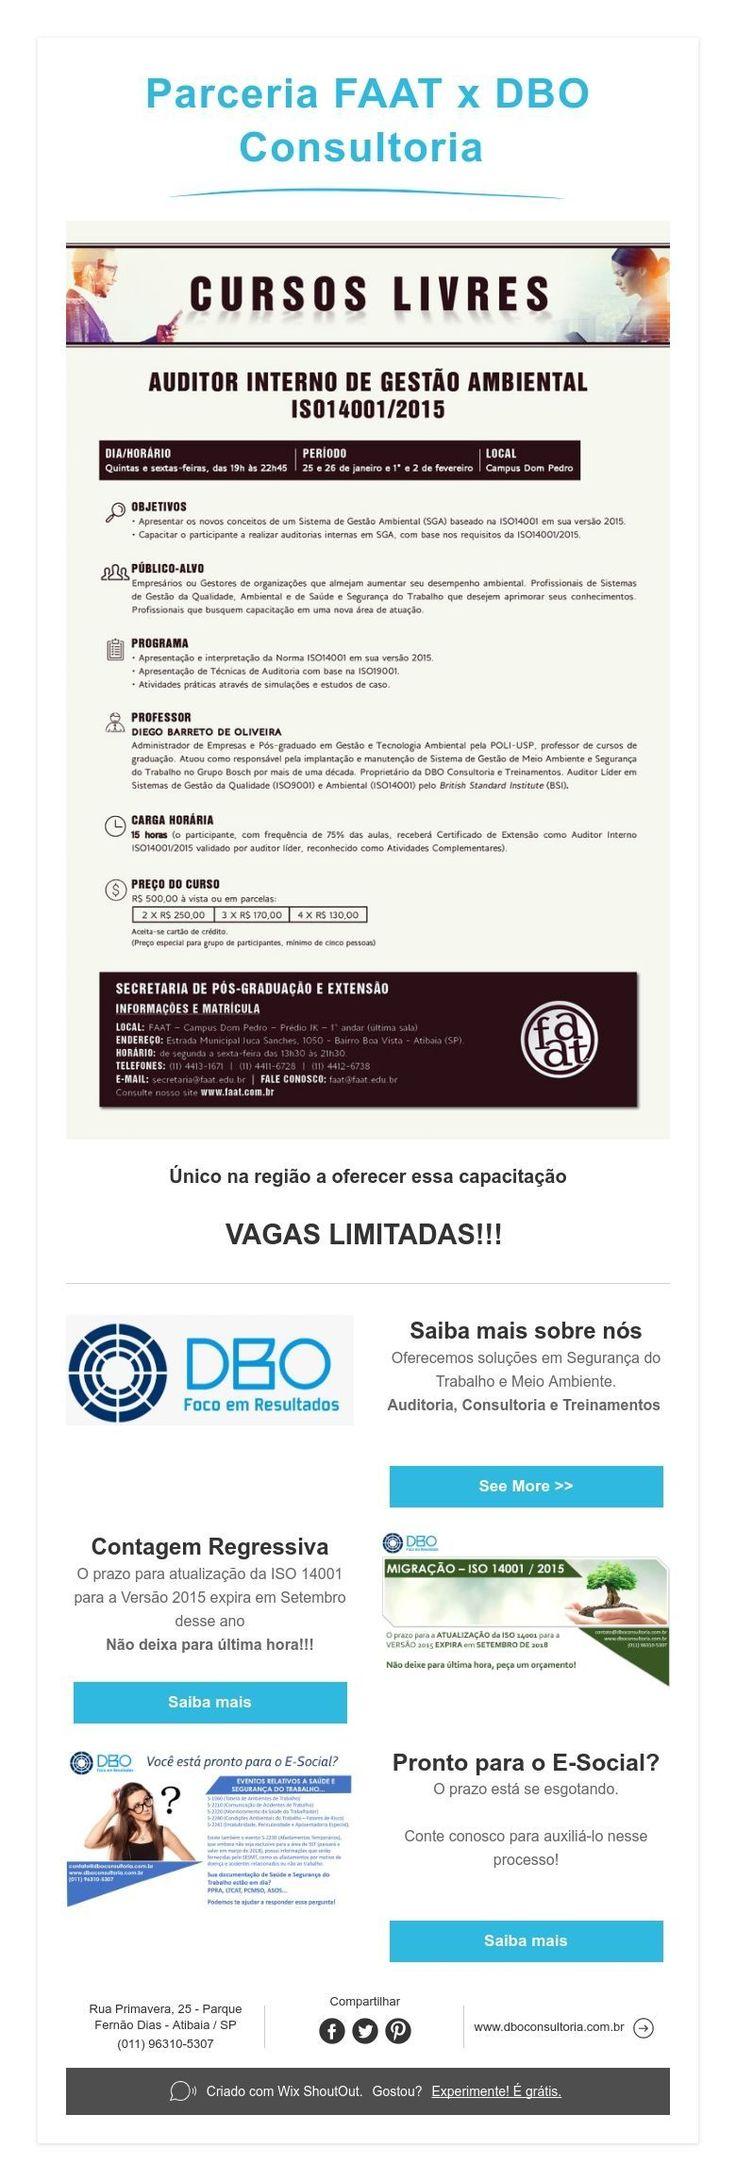 ParceriaFAAT x DBO Consultoria